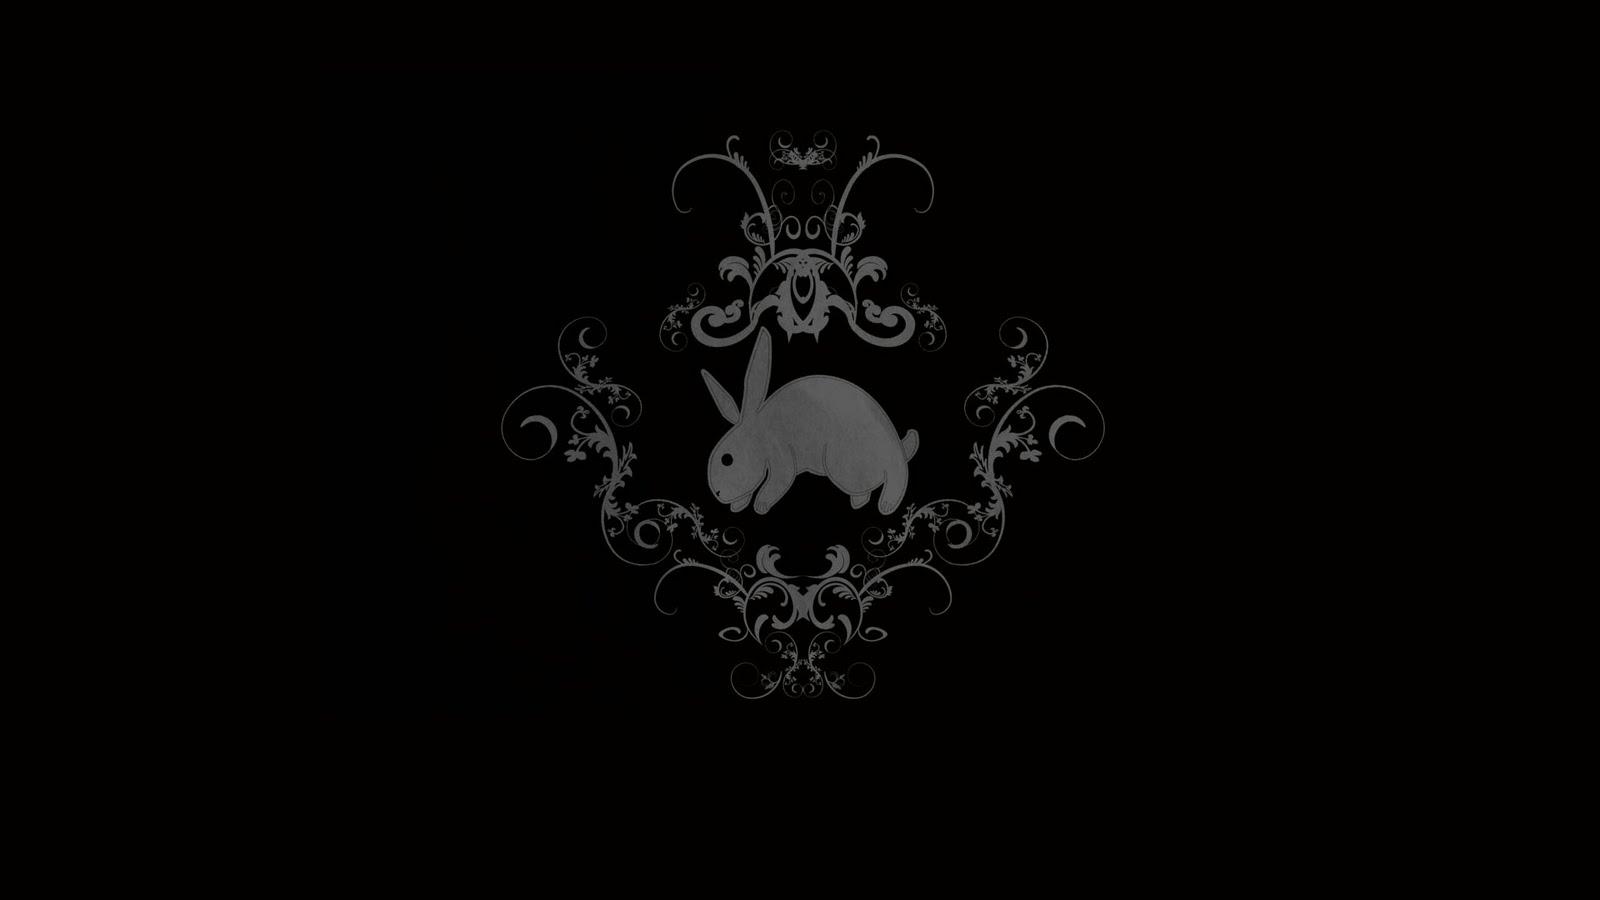 http://4.bp.blogspot.com/-ZN-uMvtXTY0/TbHr5qeQ5EI/AAAAAAAAAGk/XjWQchwerhM/s1600/BunnyBackground.jpg